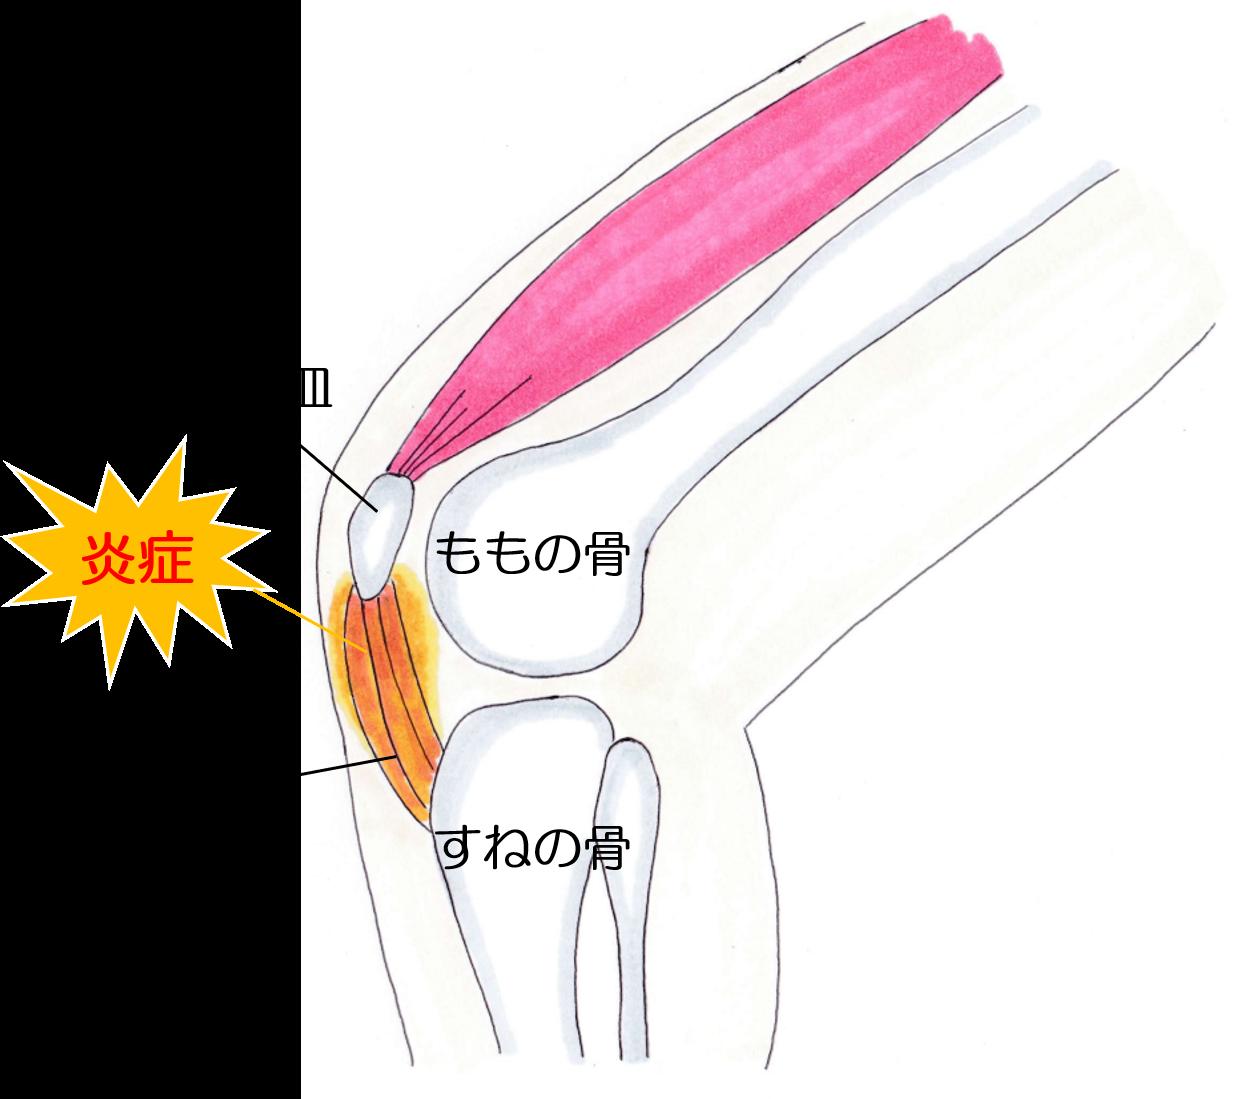 膝蓋腱炎の画像